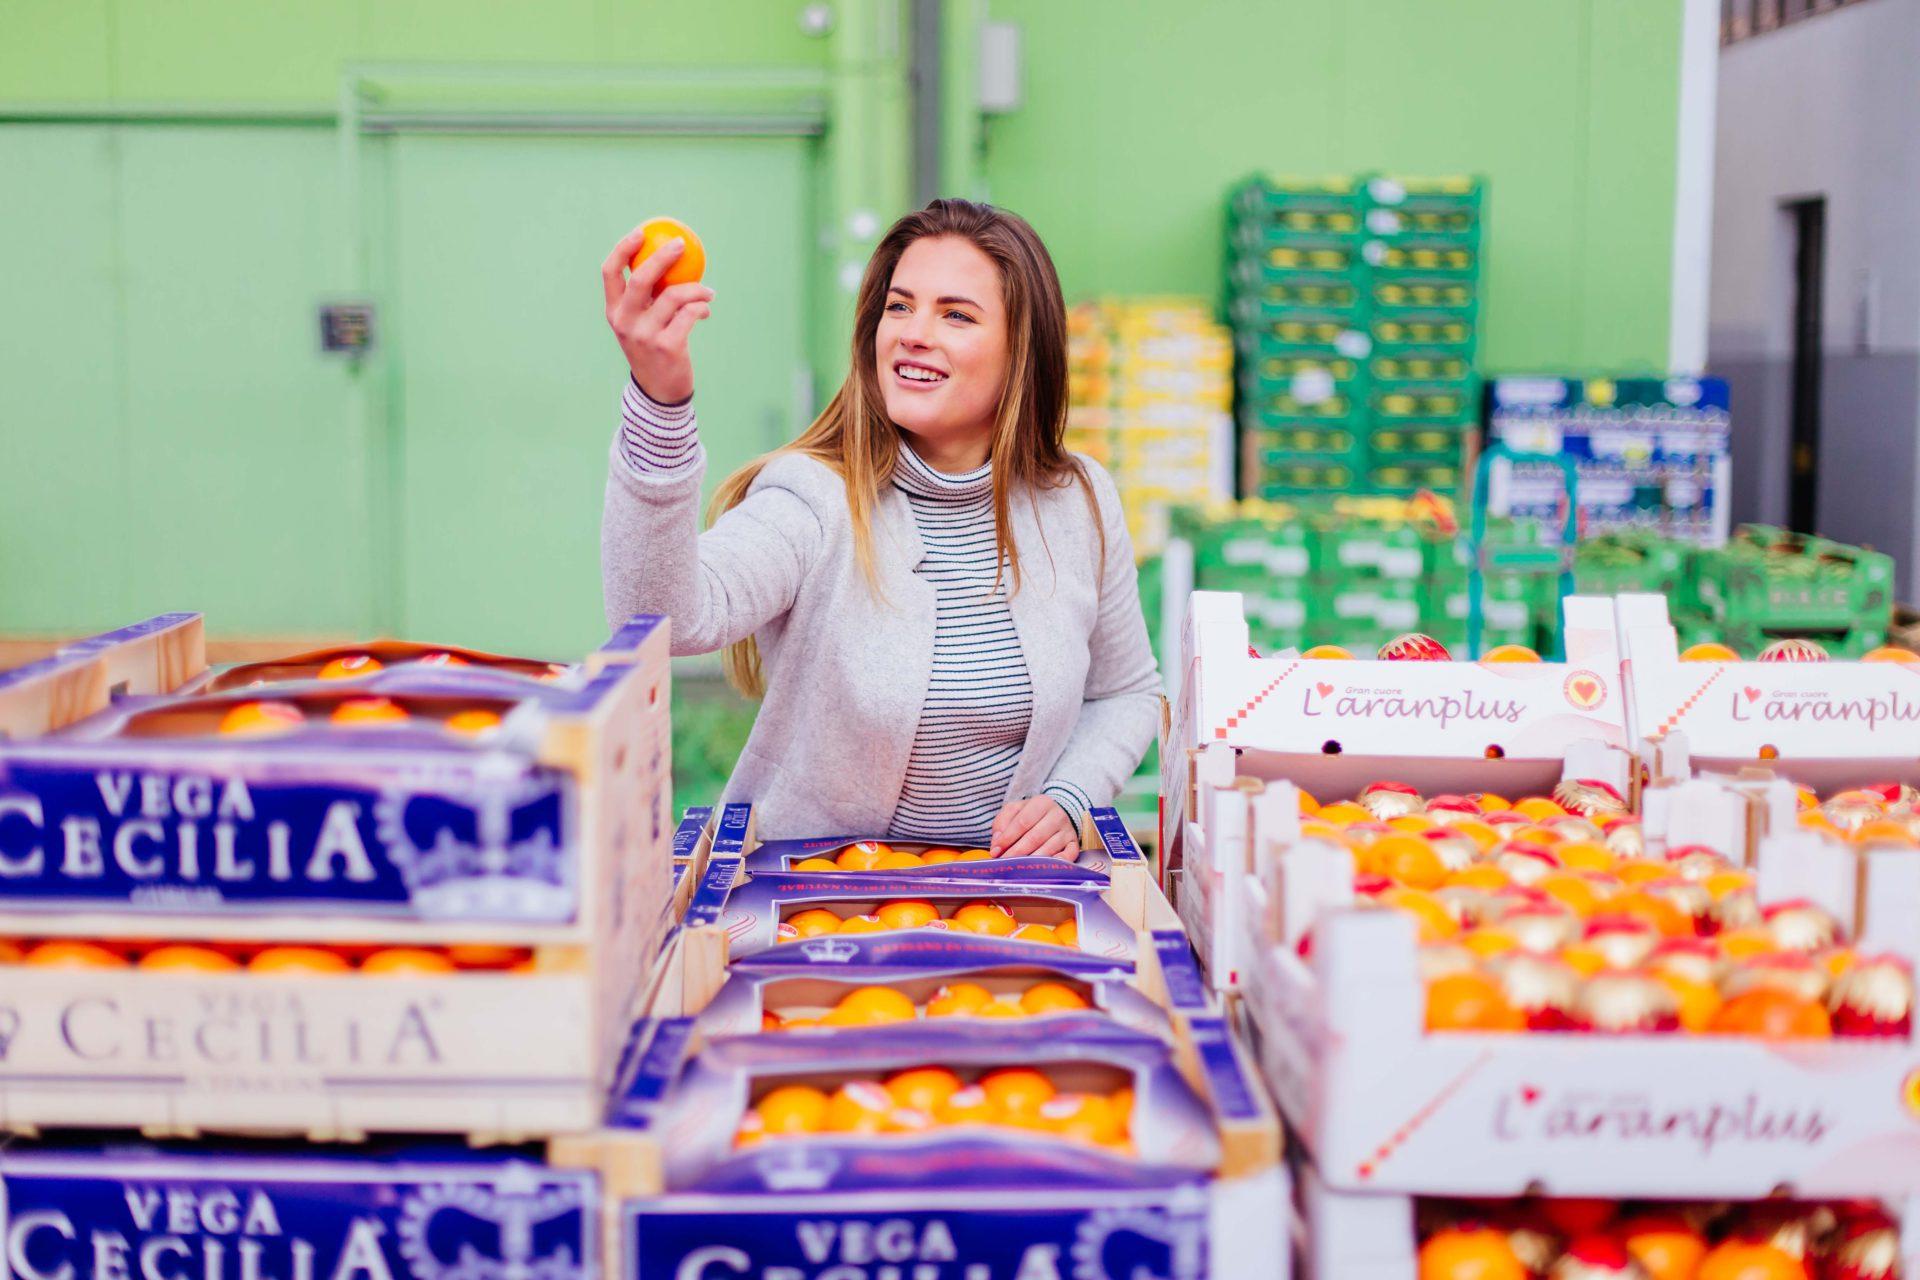 Frau beim Orangen einkaufen